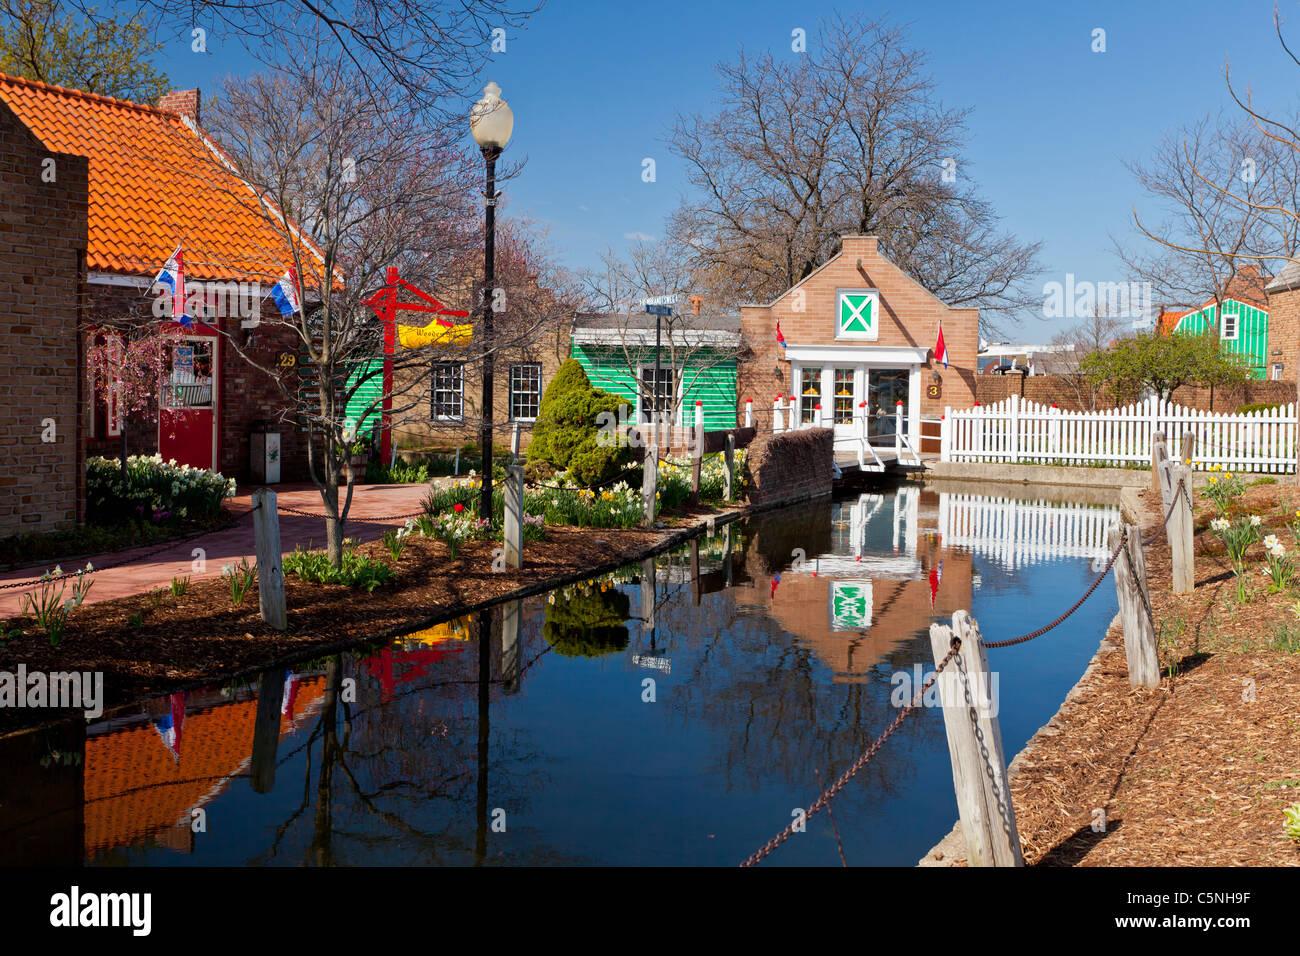 L'architecture et de commerces de la Dutch Village attraction touristique de Holland, Michigan, États-Unis. Banque D'Images